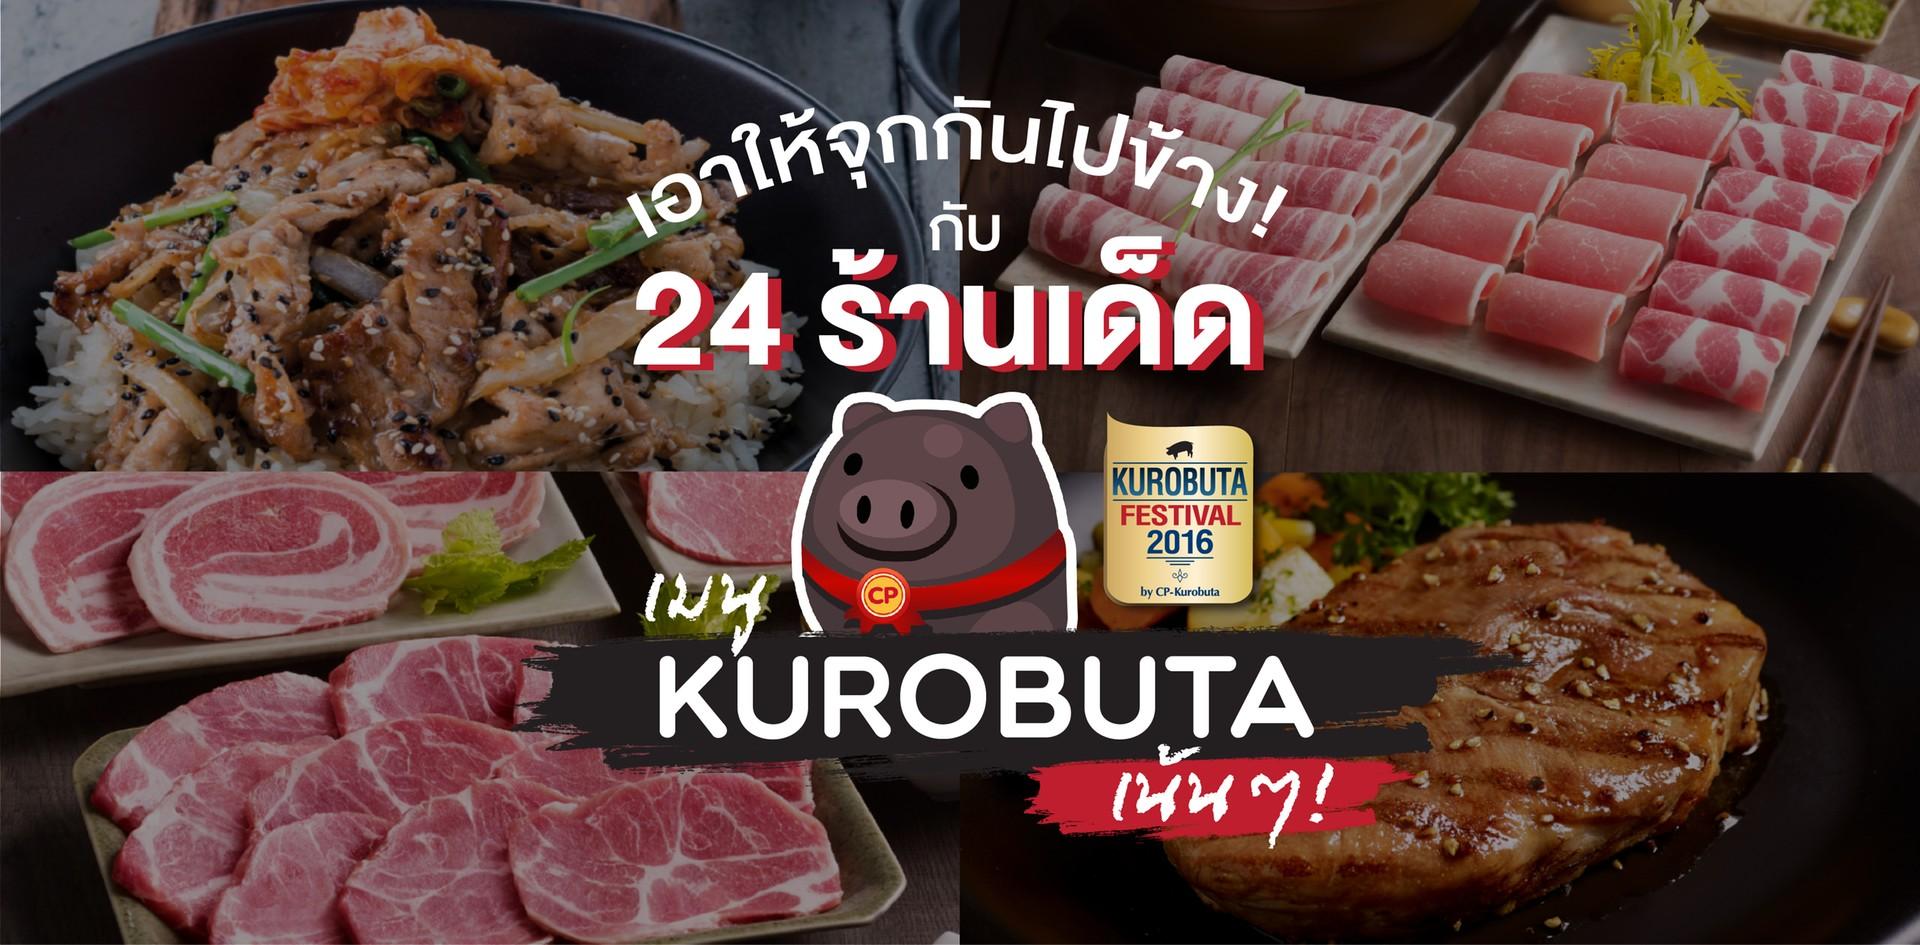 เอาให้จุกกันไปข้าง! กับ 24 ร้านเด็ด เมนู Kurobuta เน้นๆ!